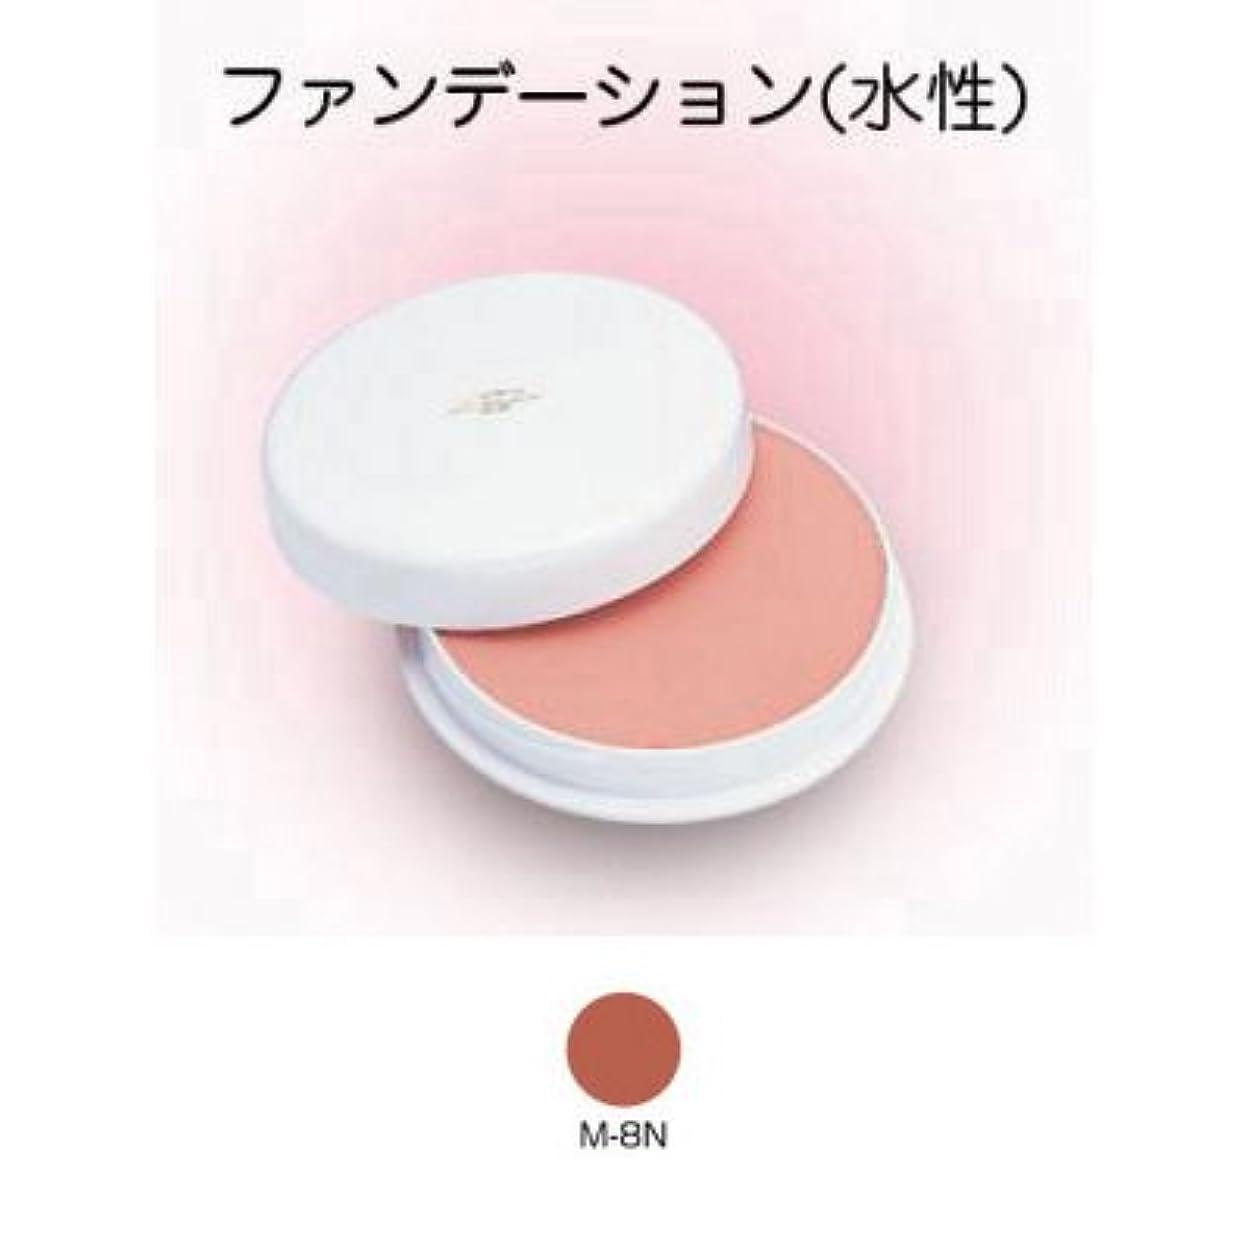 プロペラ二層熱狂的なフェースケーキ 60g M-8N 【三善】